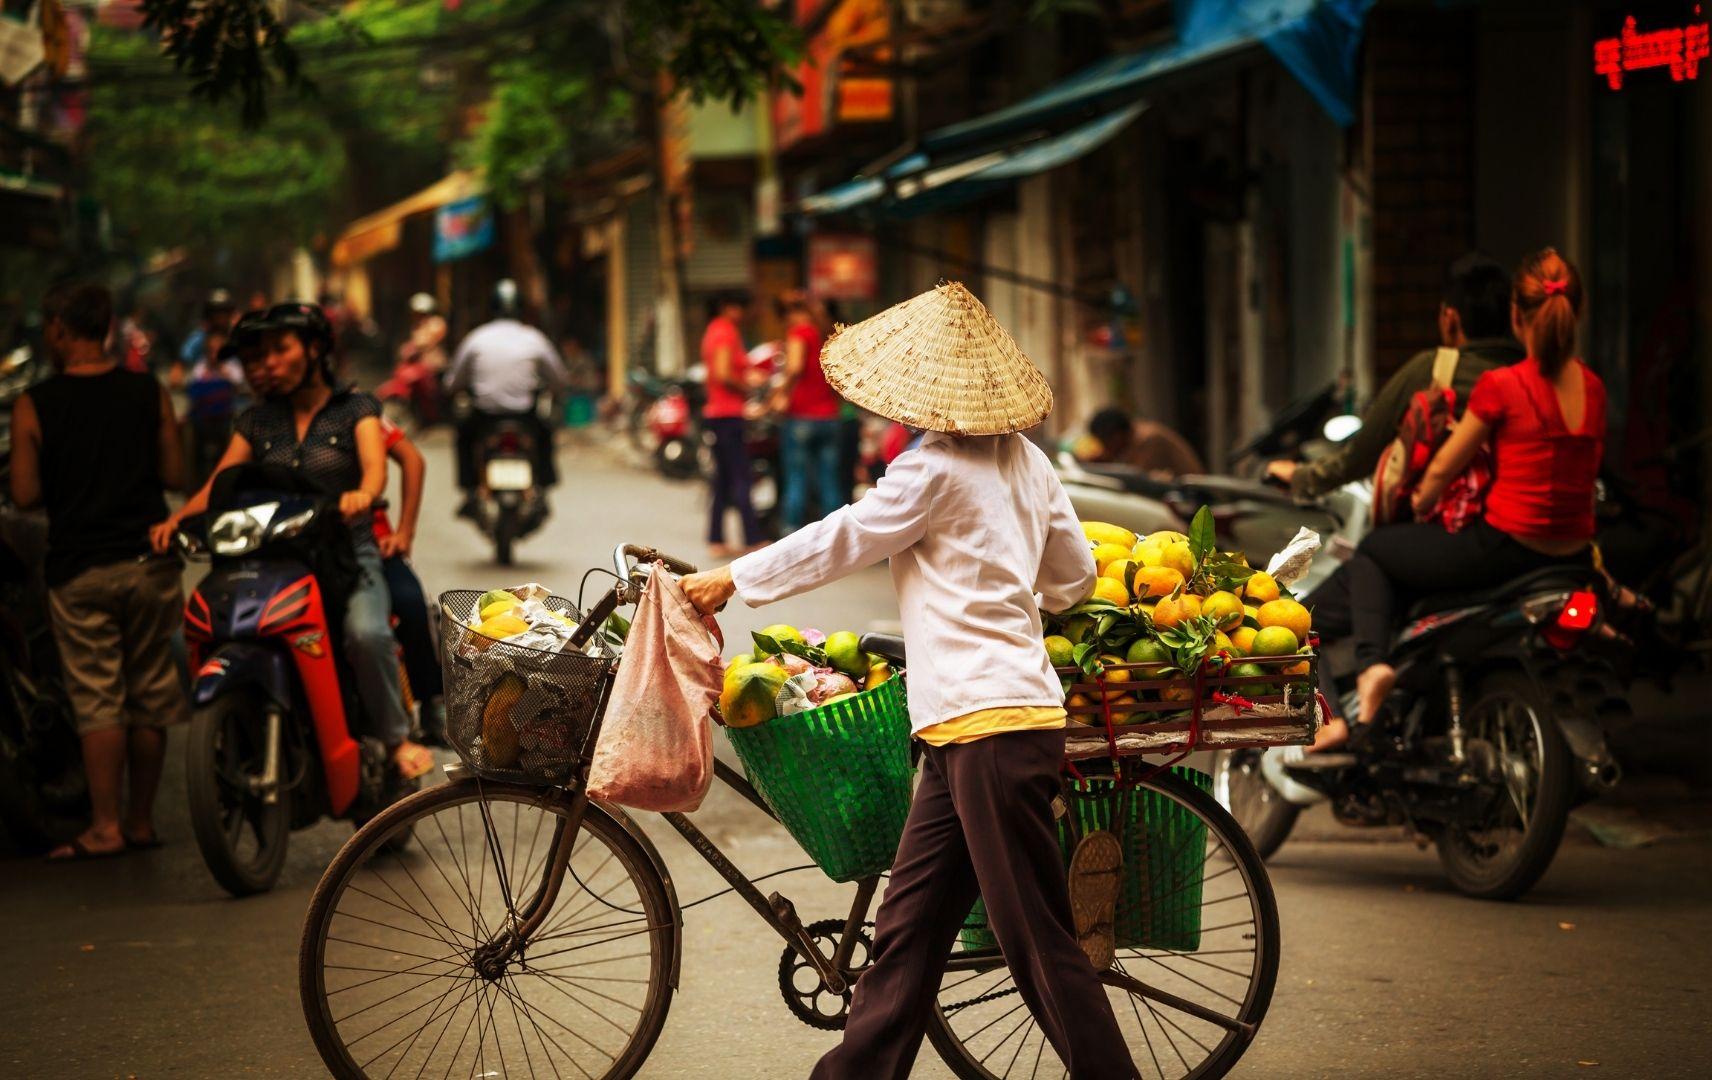 Fernreise Asien - Vietnam Traditionell